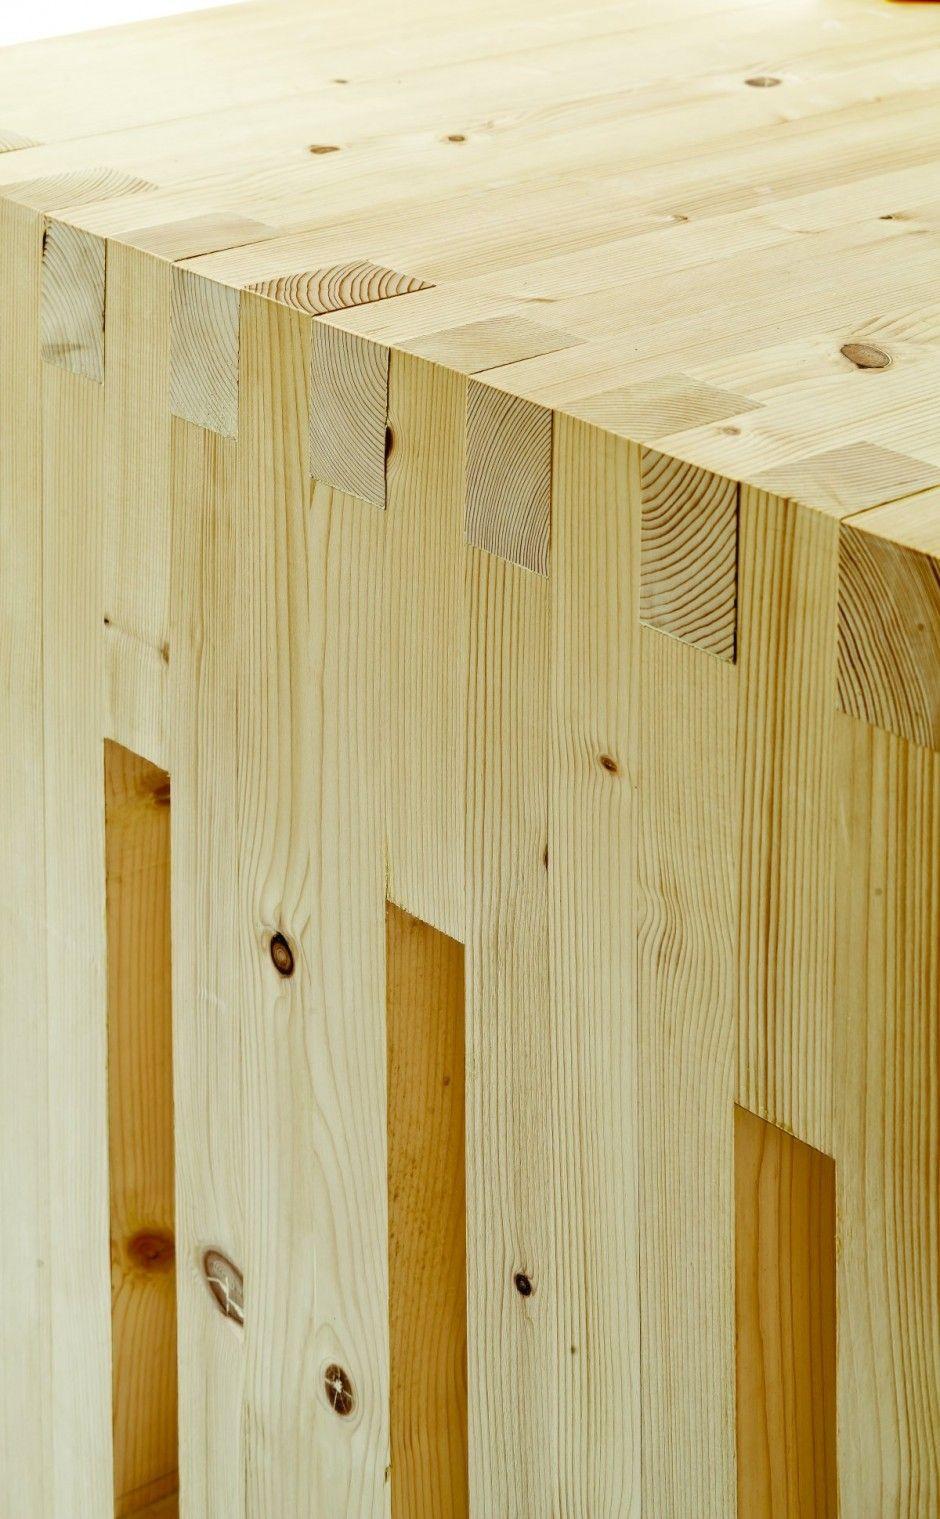 Madera pino decoracion muebles maderas v v - Muebles madera pino ...